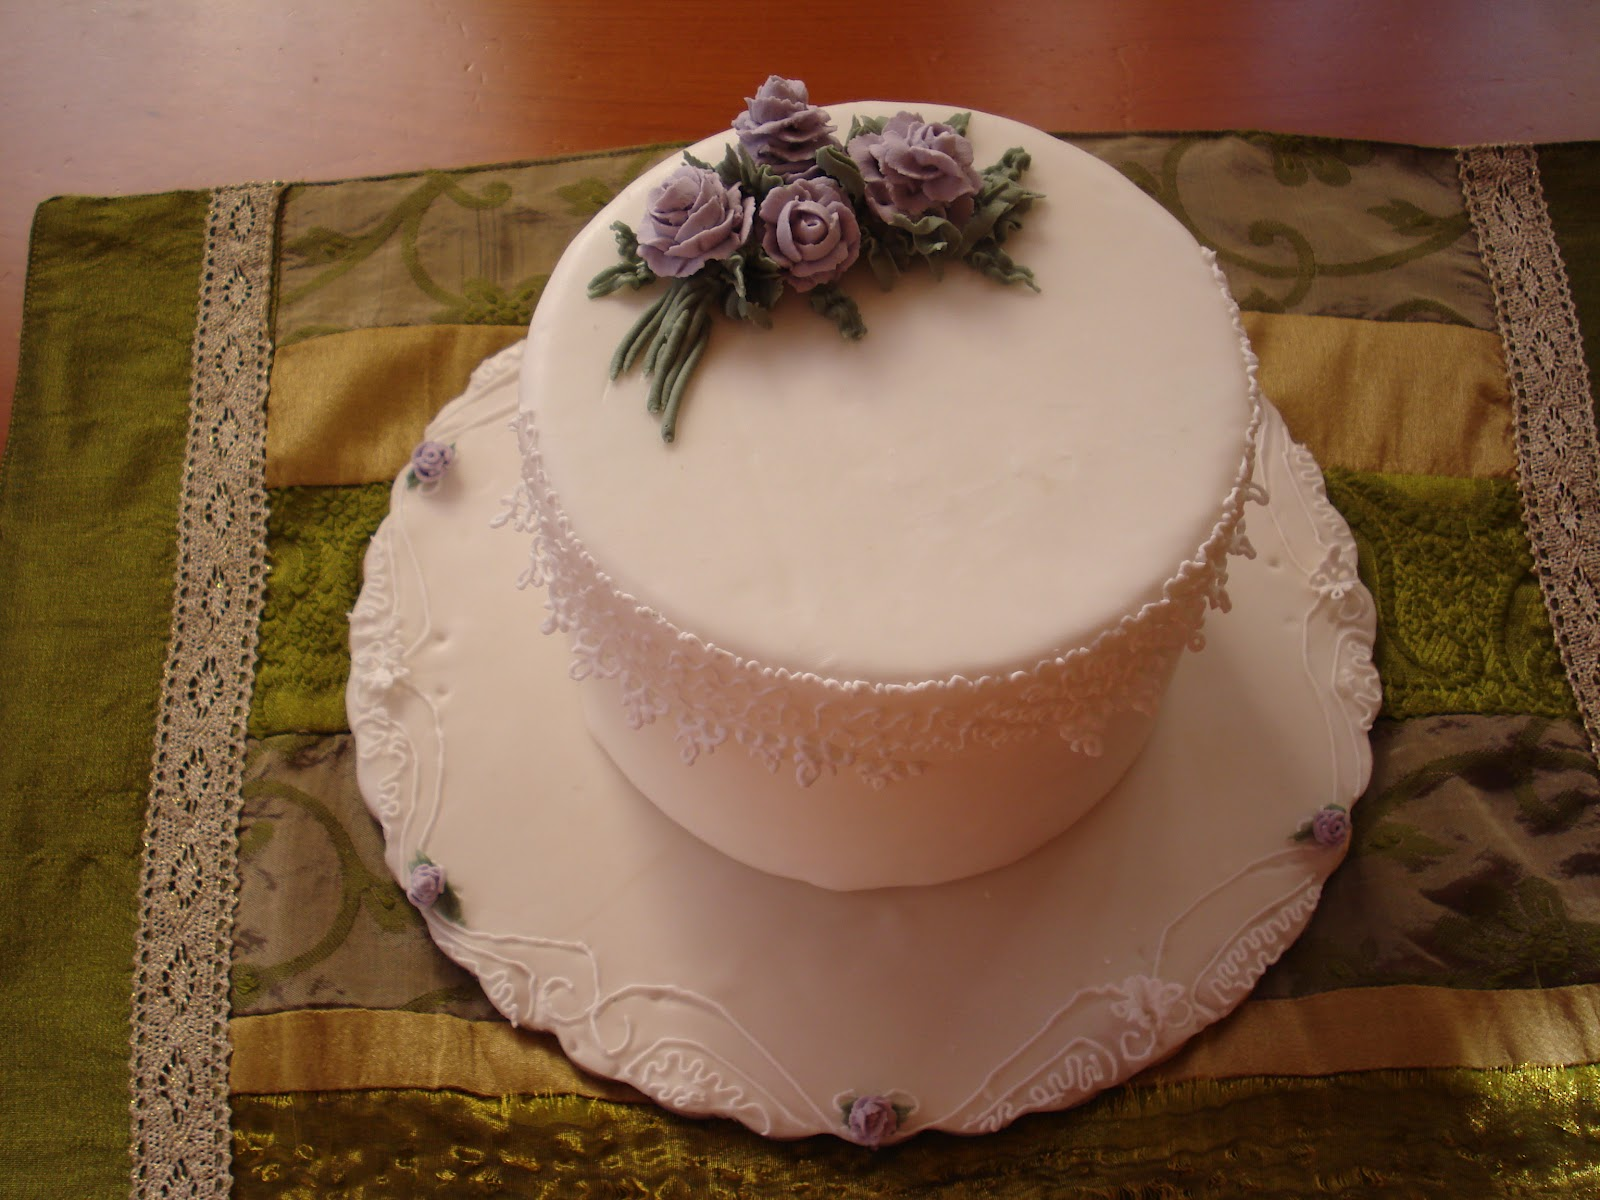 Arte E Zucchero Cake Design By Dora Luca : TORTE DECORATE: CORSO DI GHIACCIA REALE CON DORA S LUCA